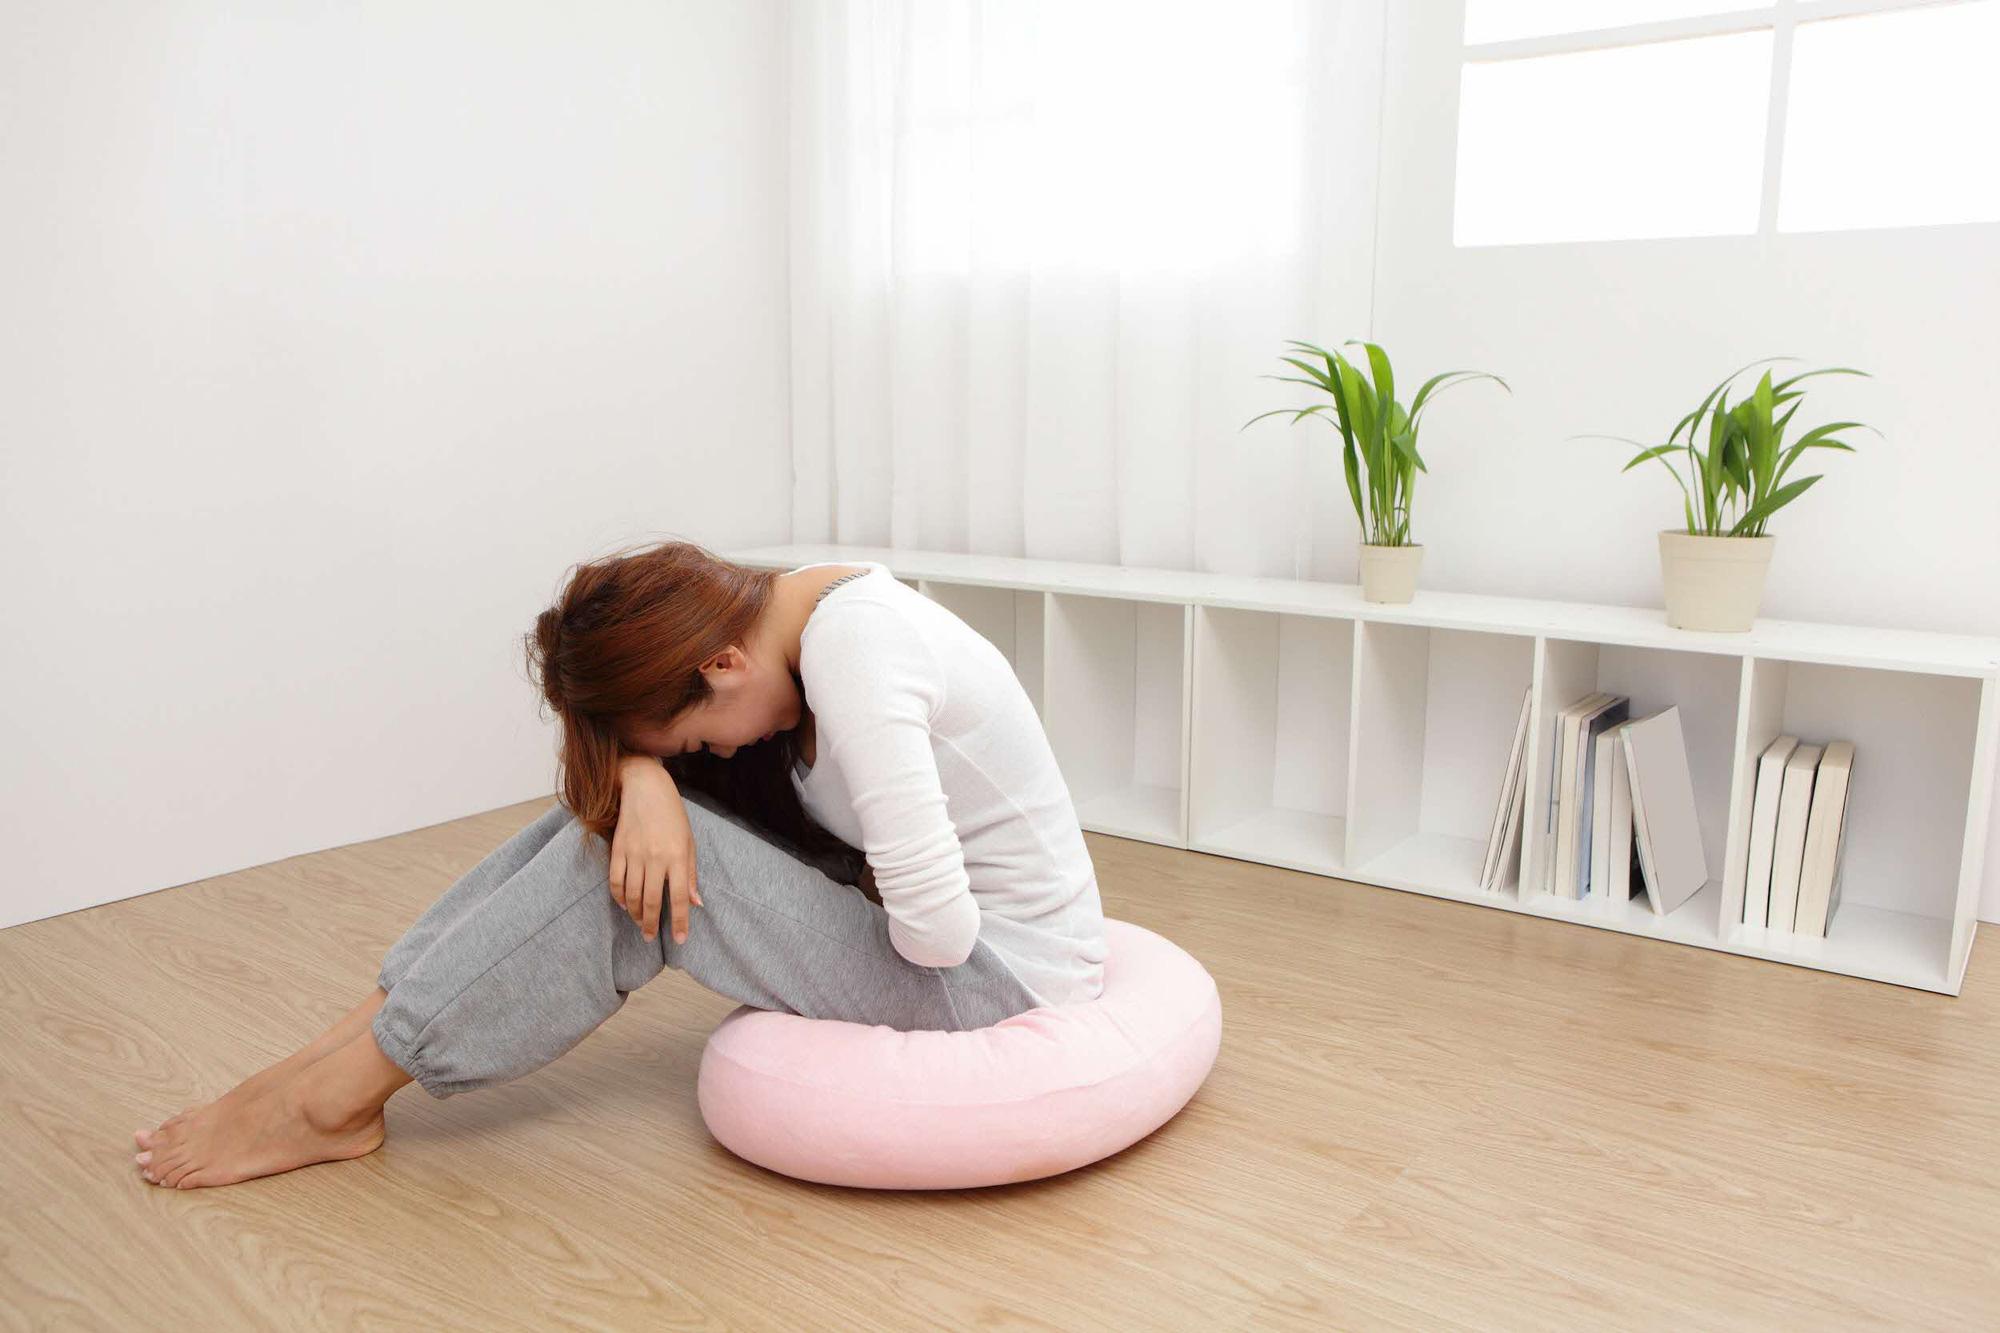 Nhiều hiểm họa sức khỏe tiềm tàng chỉ từ những cơn đau bụng! - Ảnh 1.